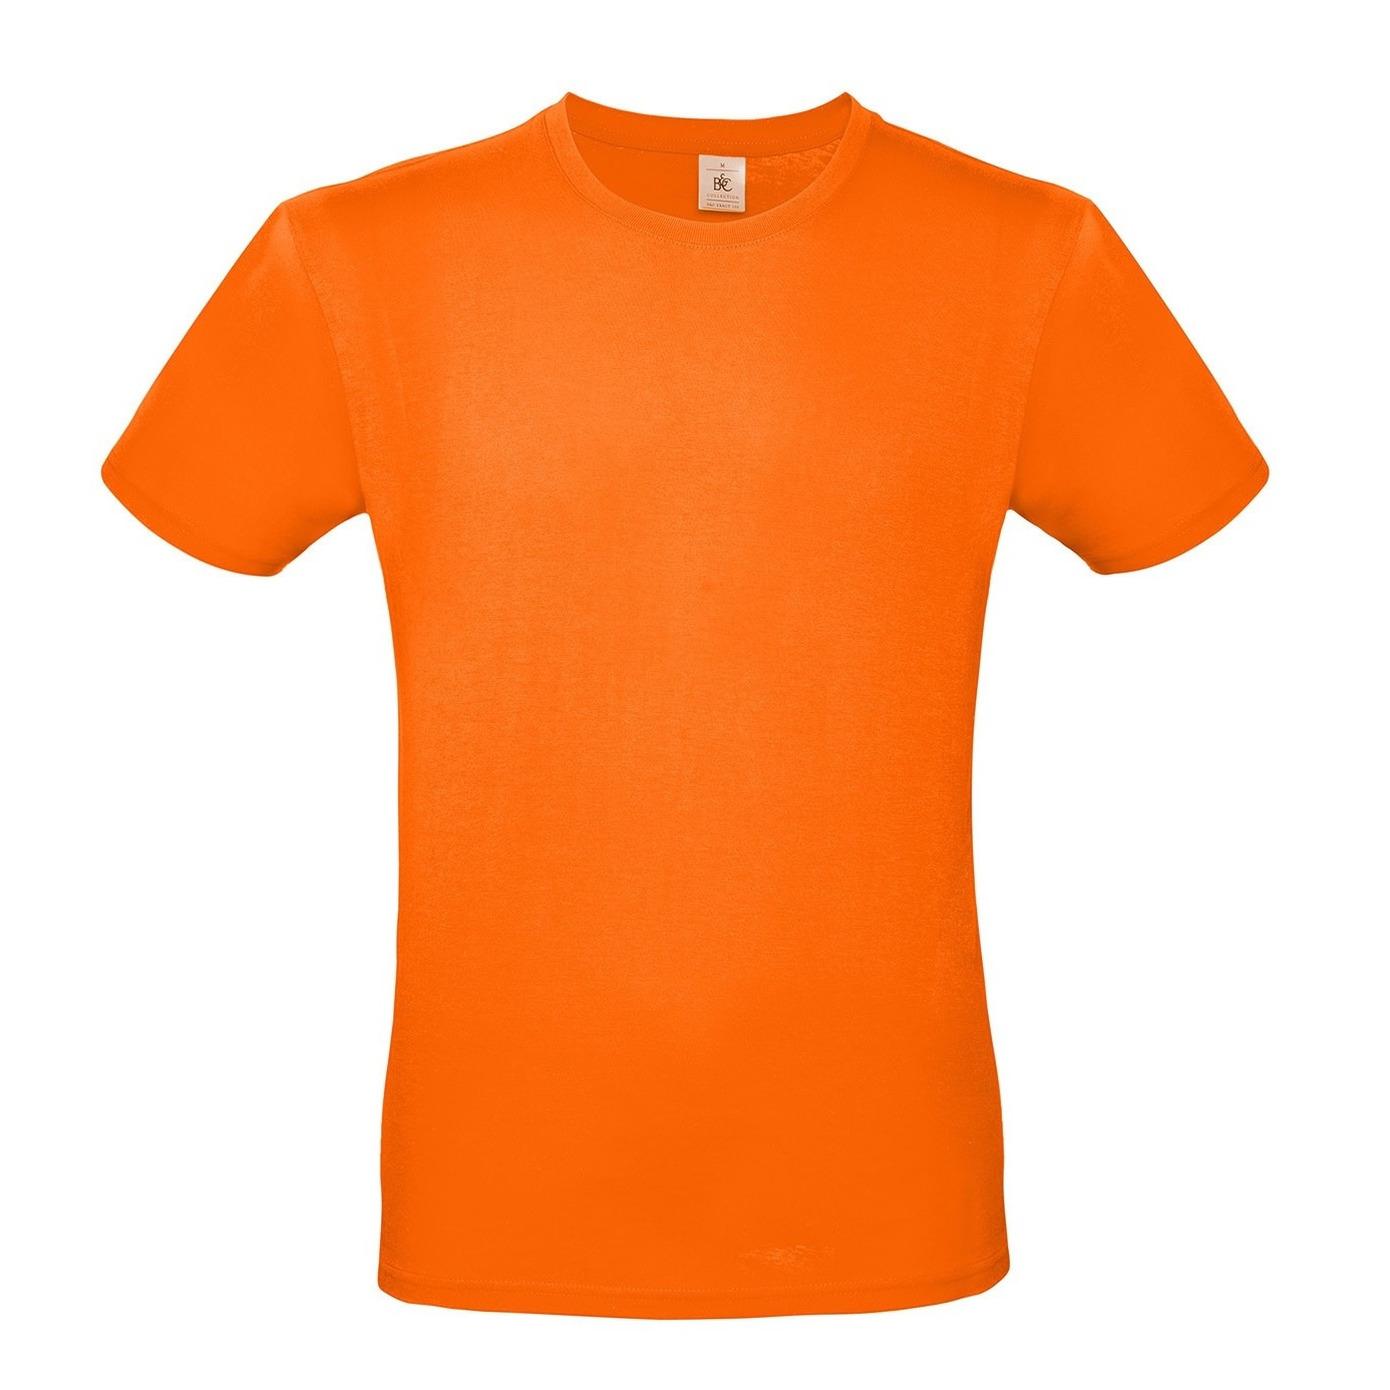 Oranje Koningsdag of supporter t-shirt met ronde hals voor heren